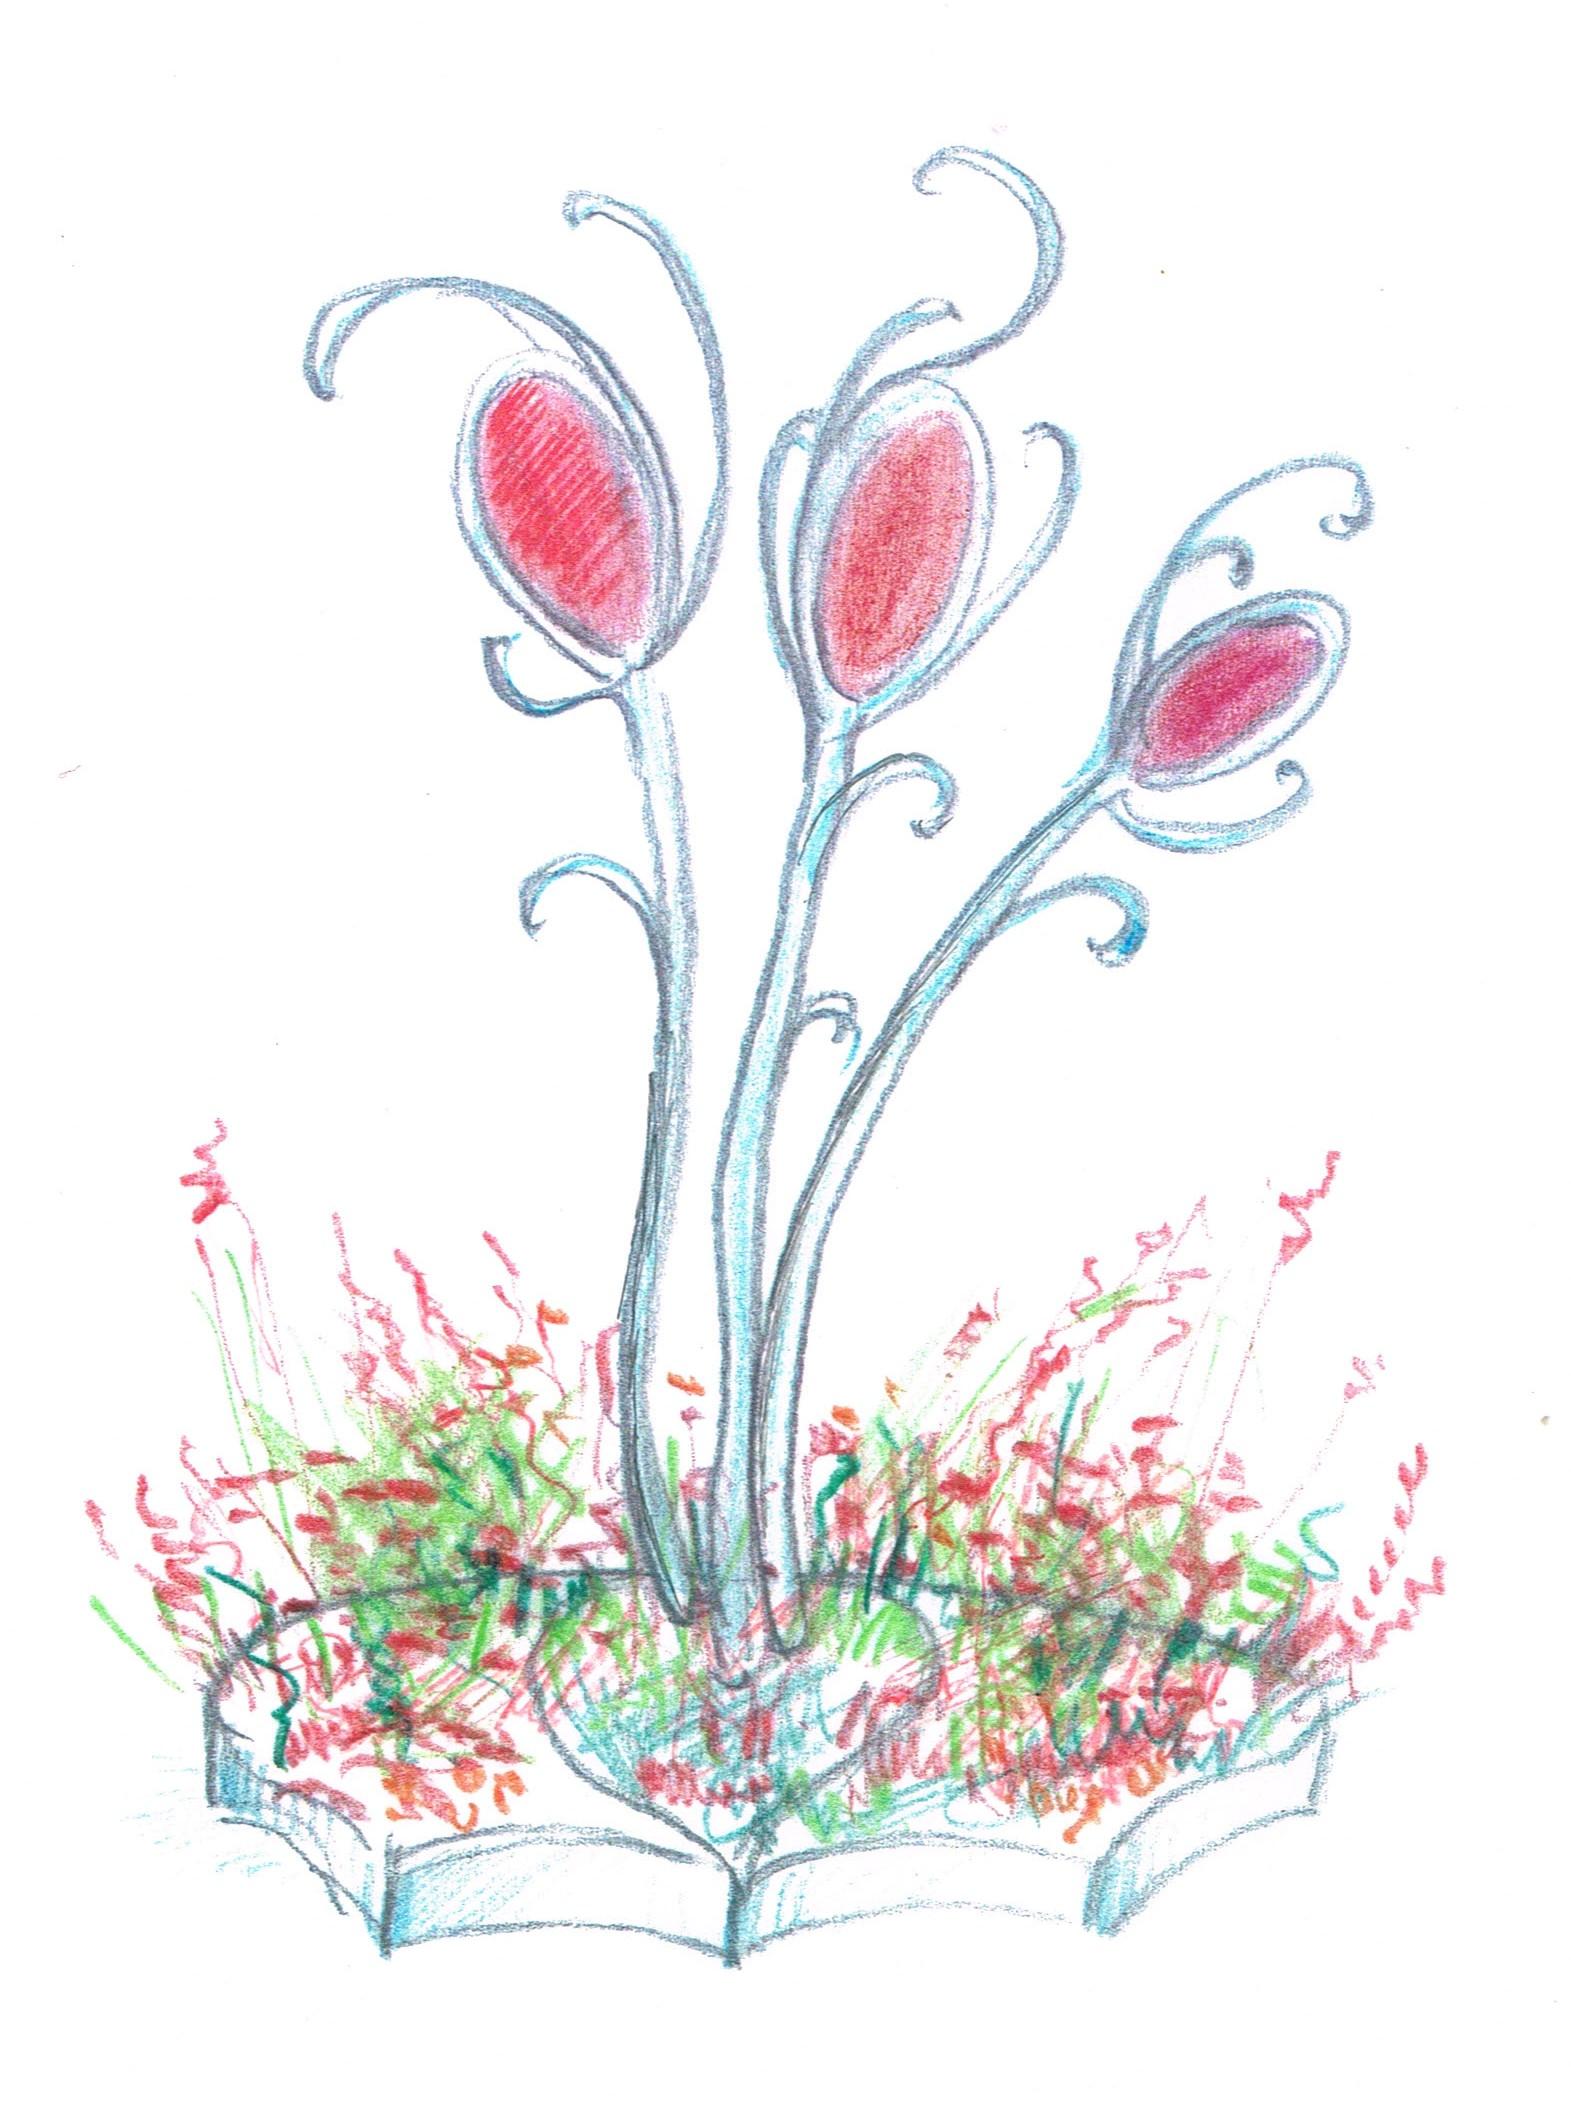 De centrale sculptuur met weelderige metalen ranken en een palet van rode tinten in plexiglas is een verwijzing naar het centrale motief in de drieluiken van Jeroen Bosch. De borders worden beplant met een grote diversiteit aan bloemen en kruiden, waaronder gaura's en salie